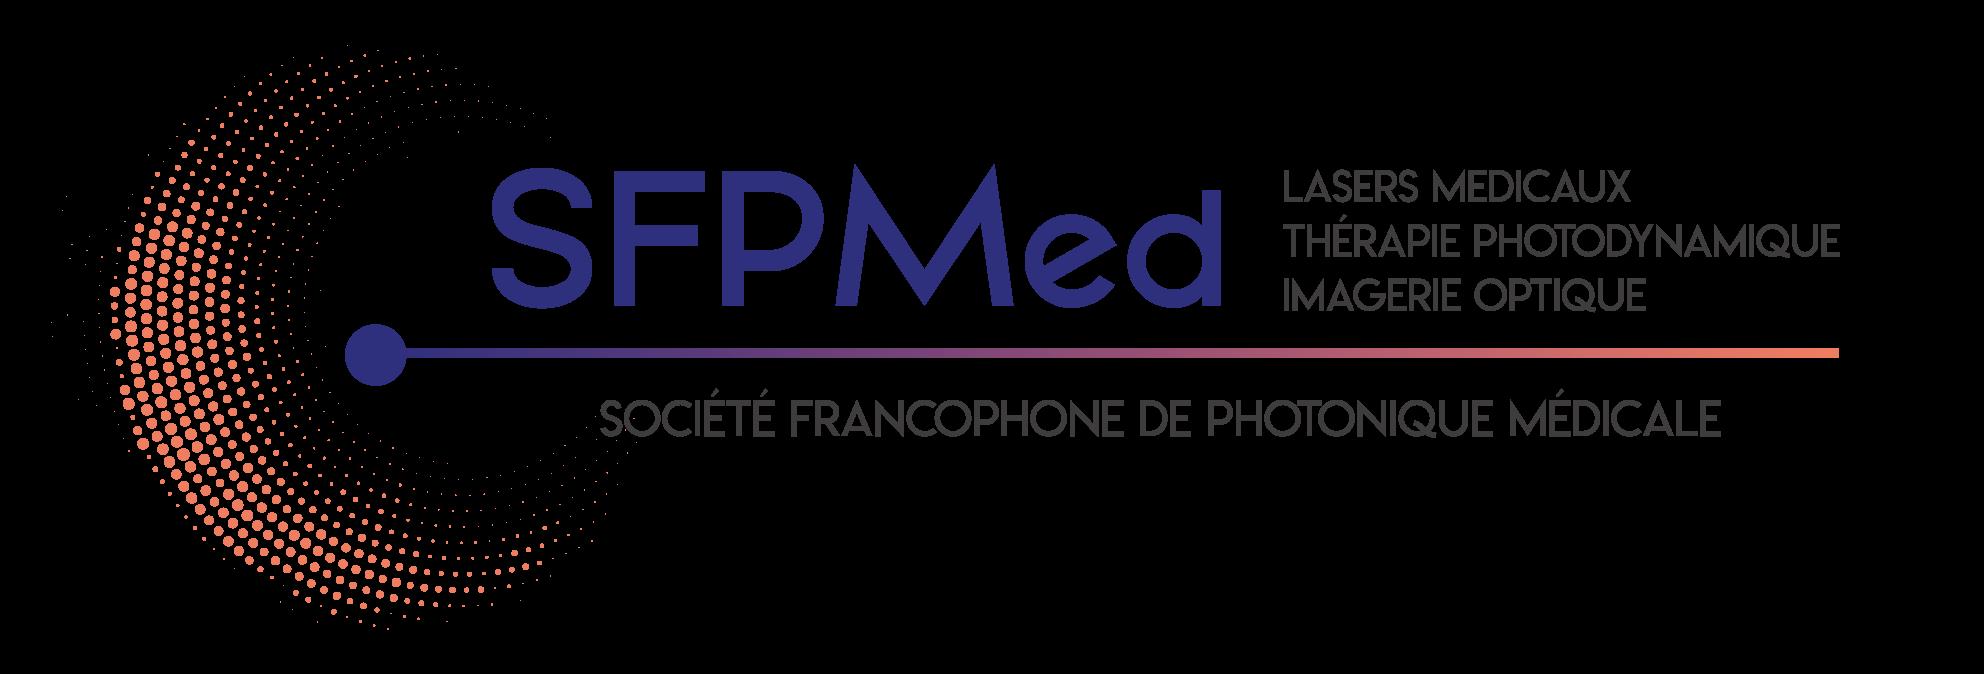 Logo couleur sfpmed, sfp med, SFPMED